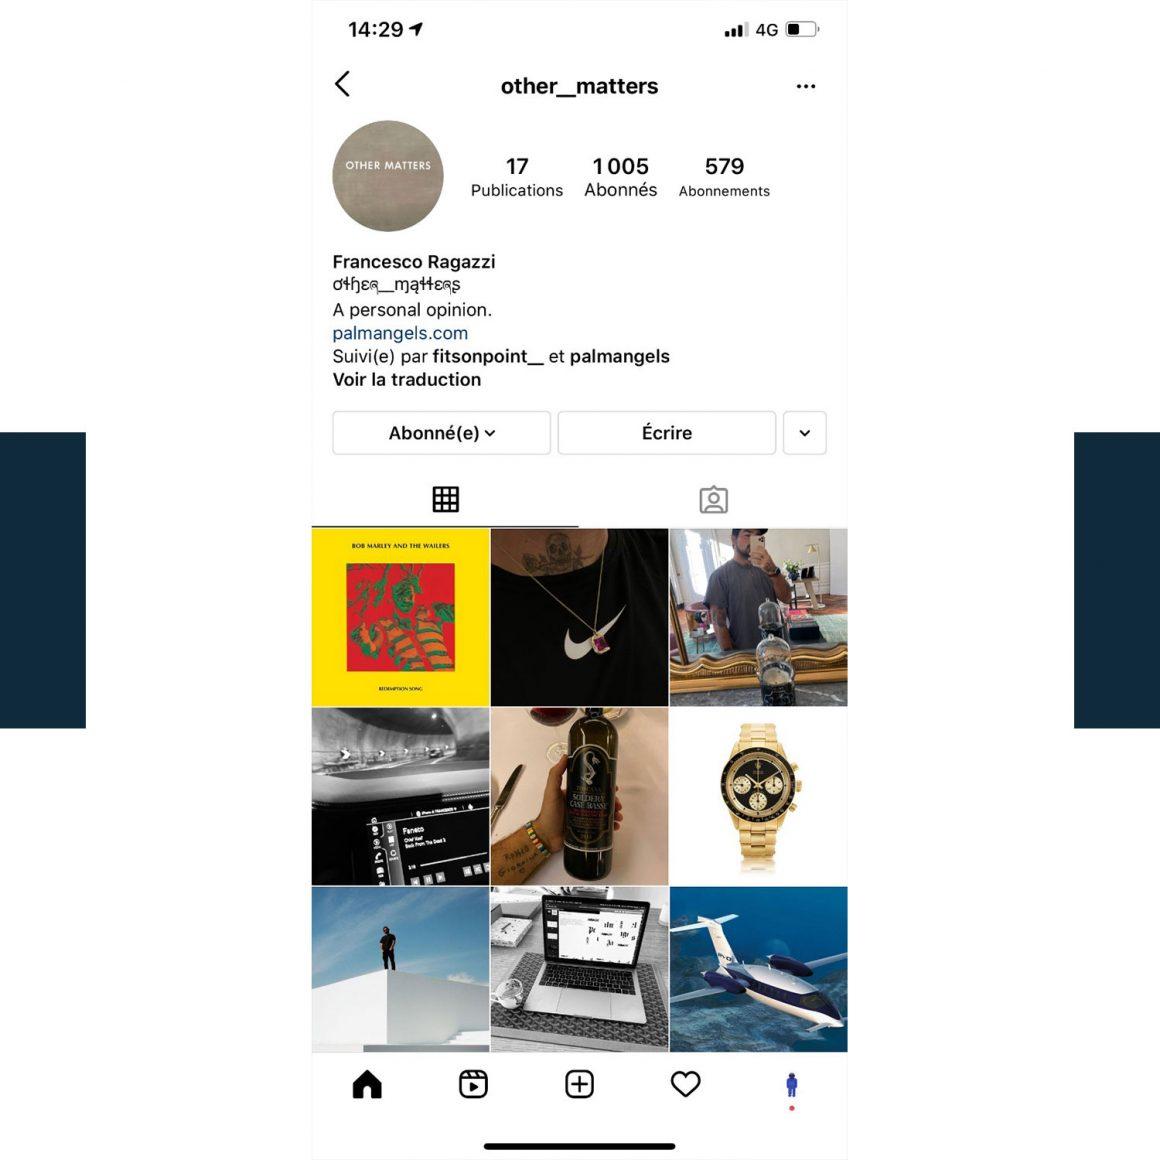 Capture d'écran du compte Instagram de Francesco Ragazzi